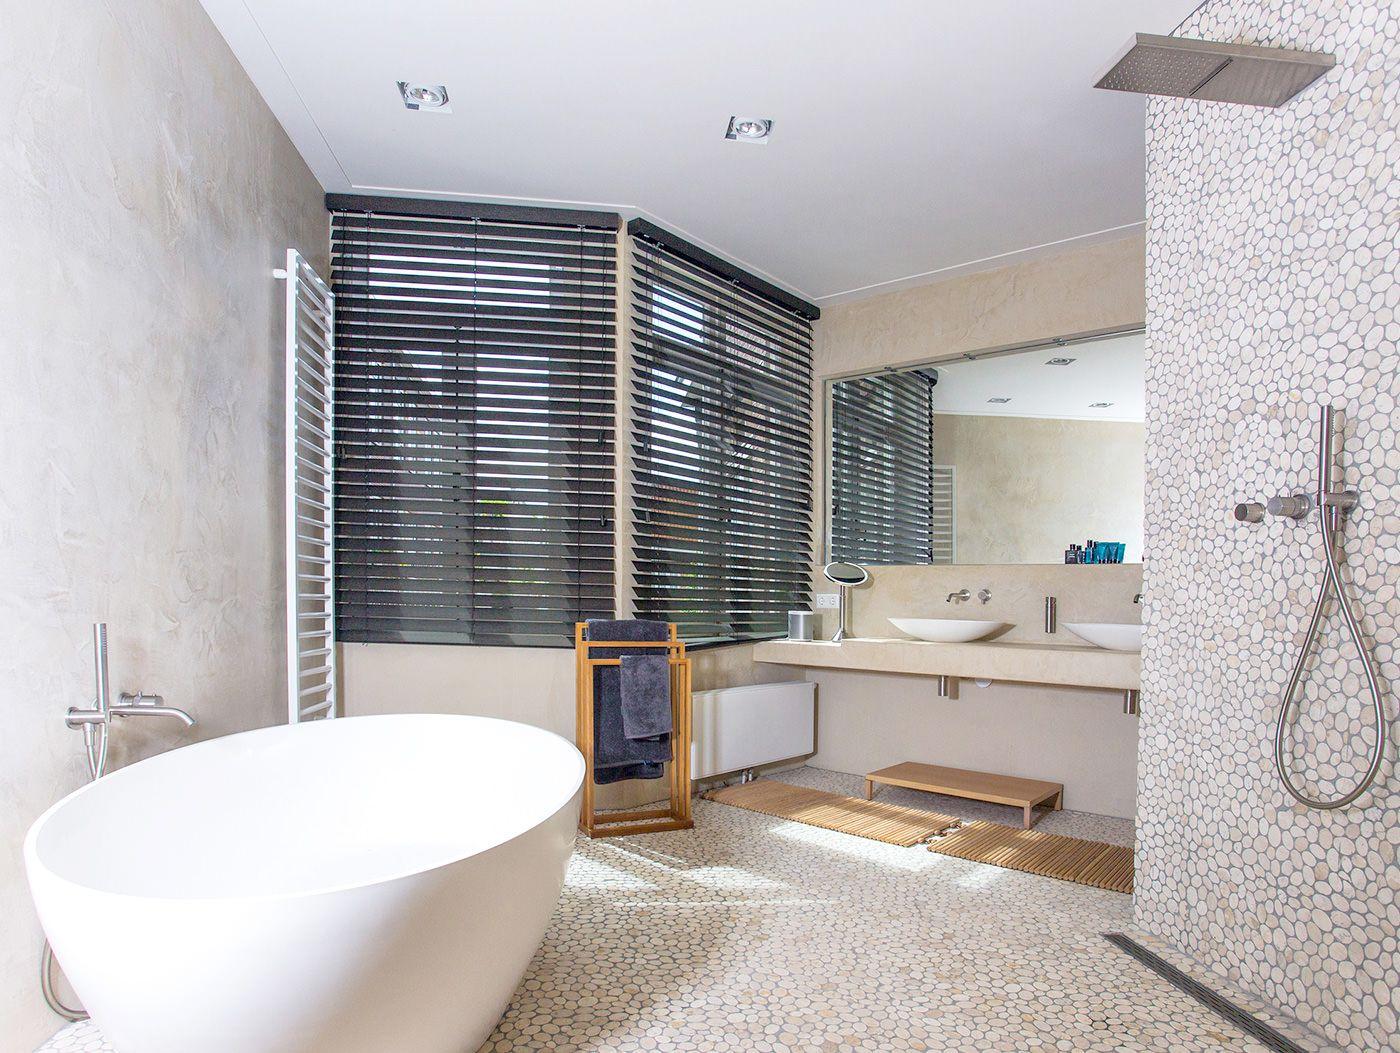 Badkamer Tegels Kiezel : Goedkope badkamer inspiratie tips voor een goedkope badkamer